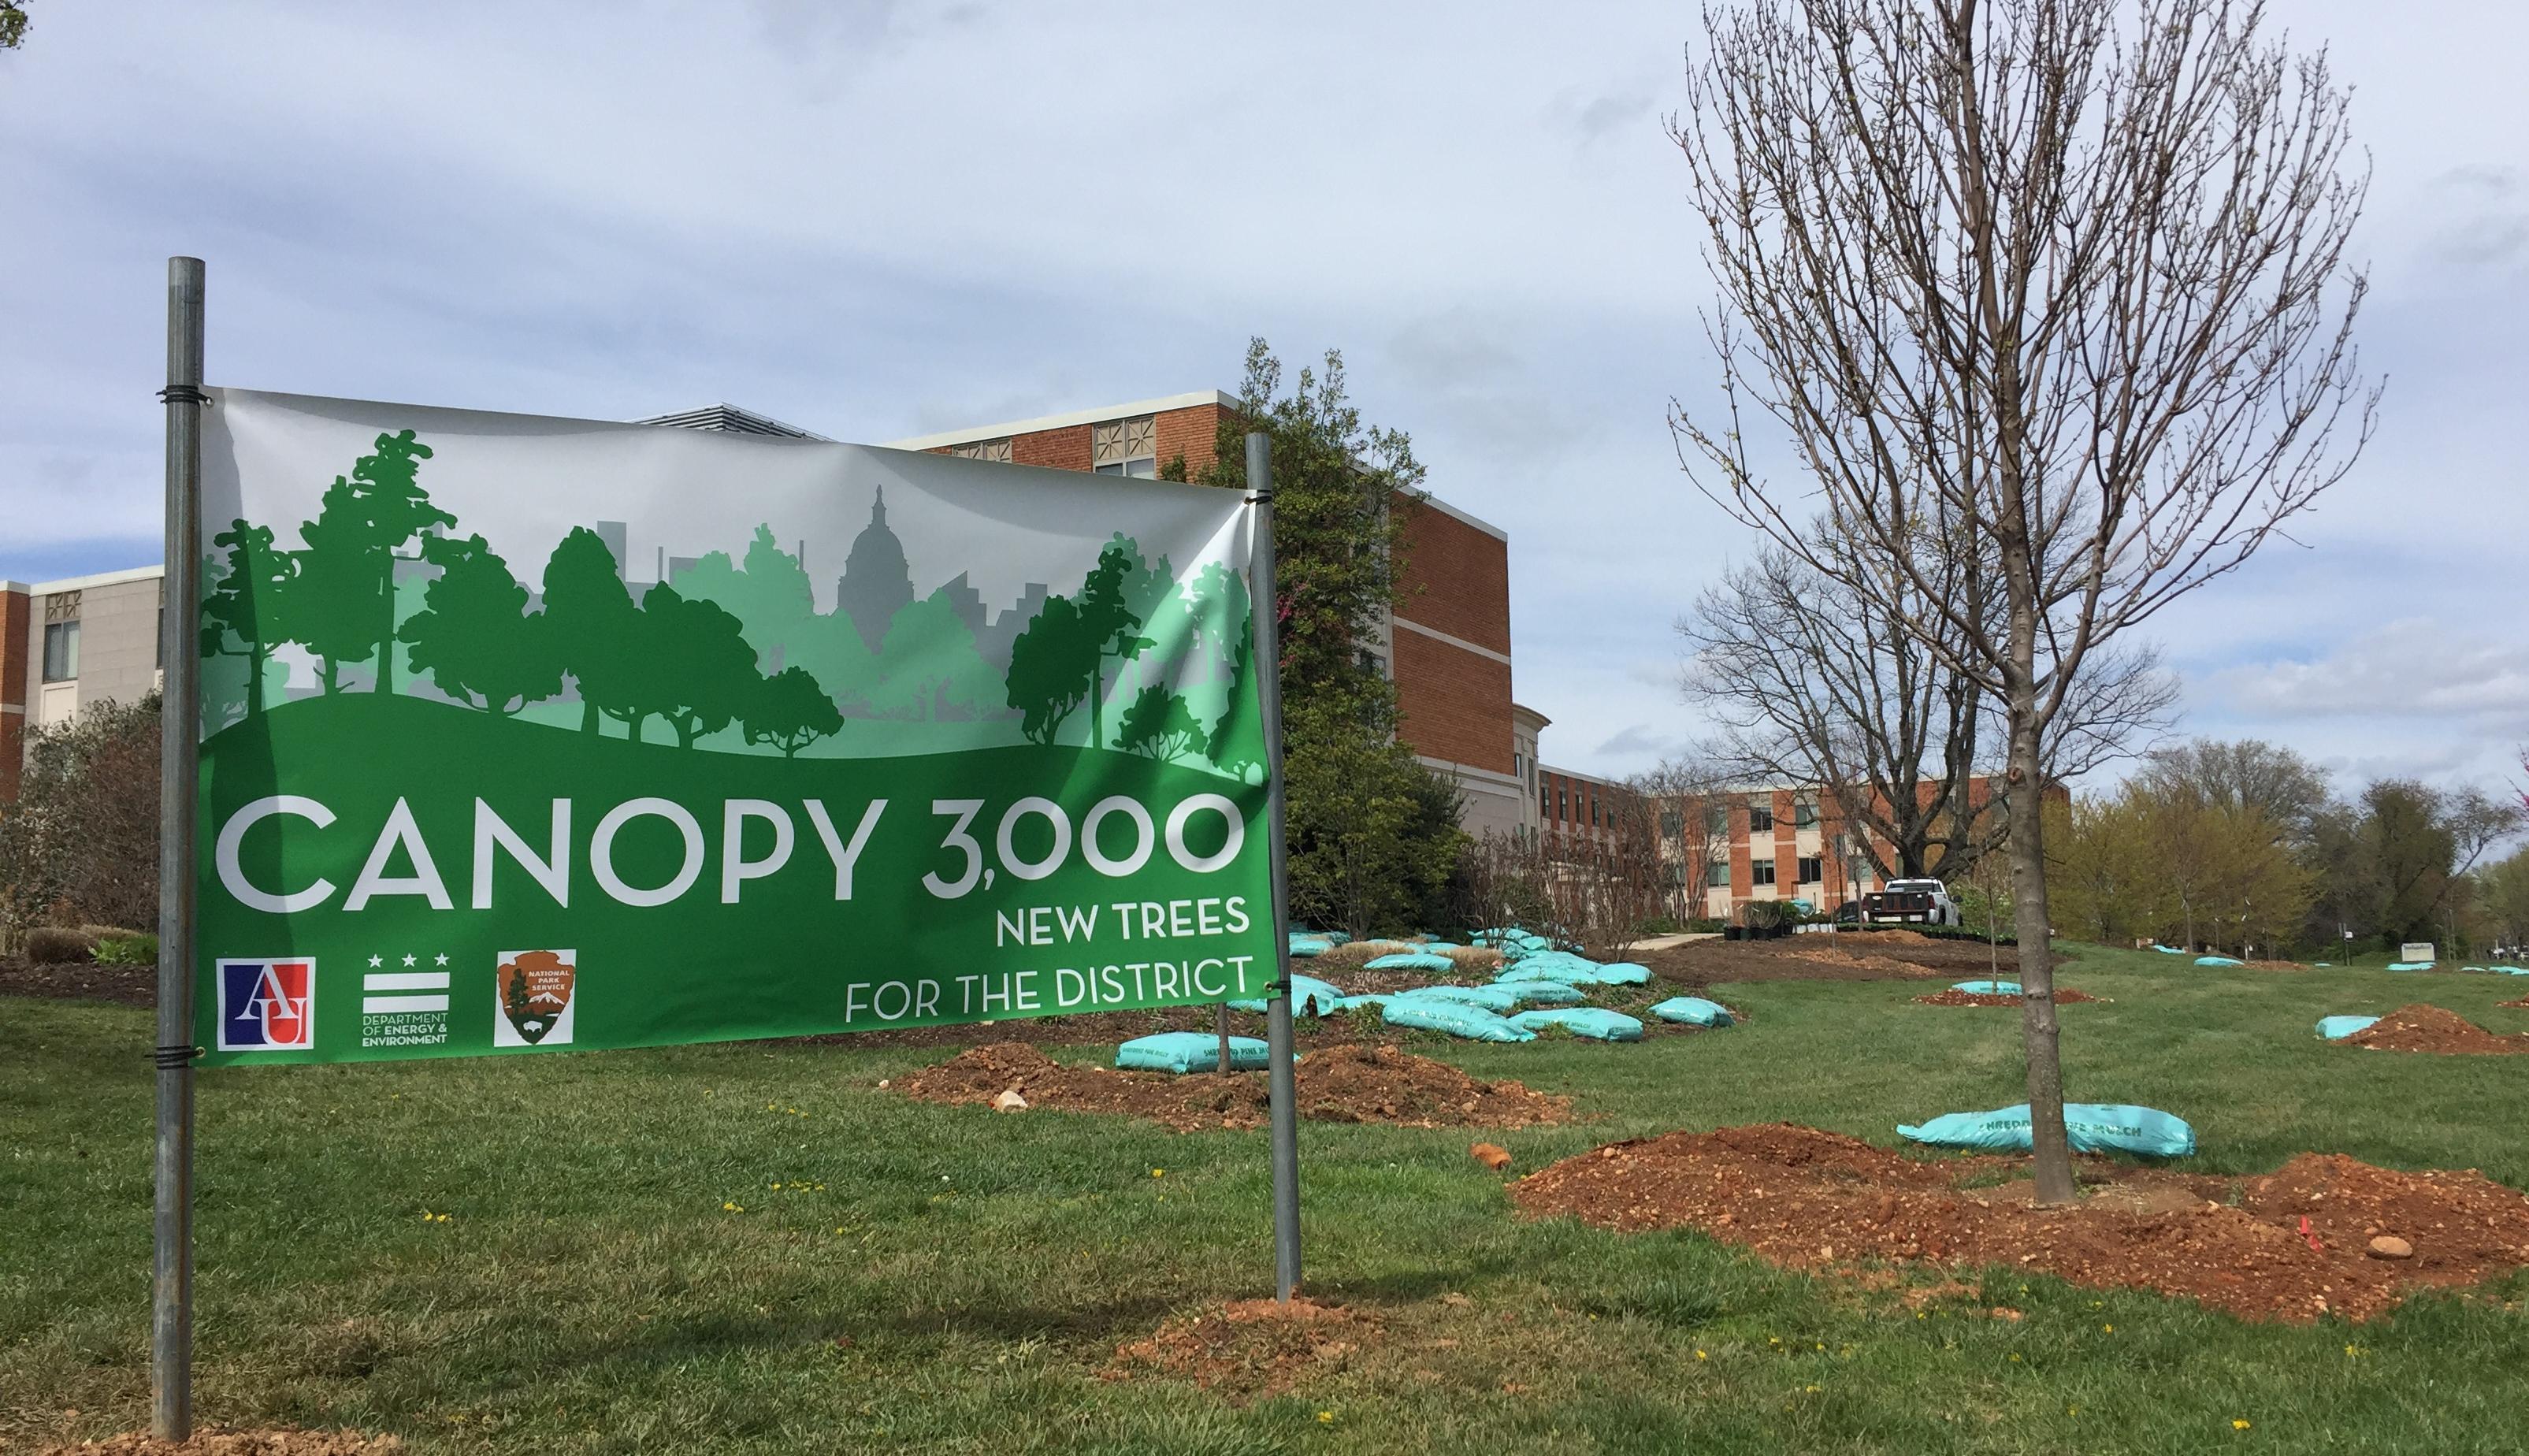 Canopy 3000AUSign1